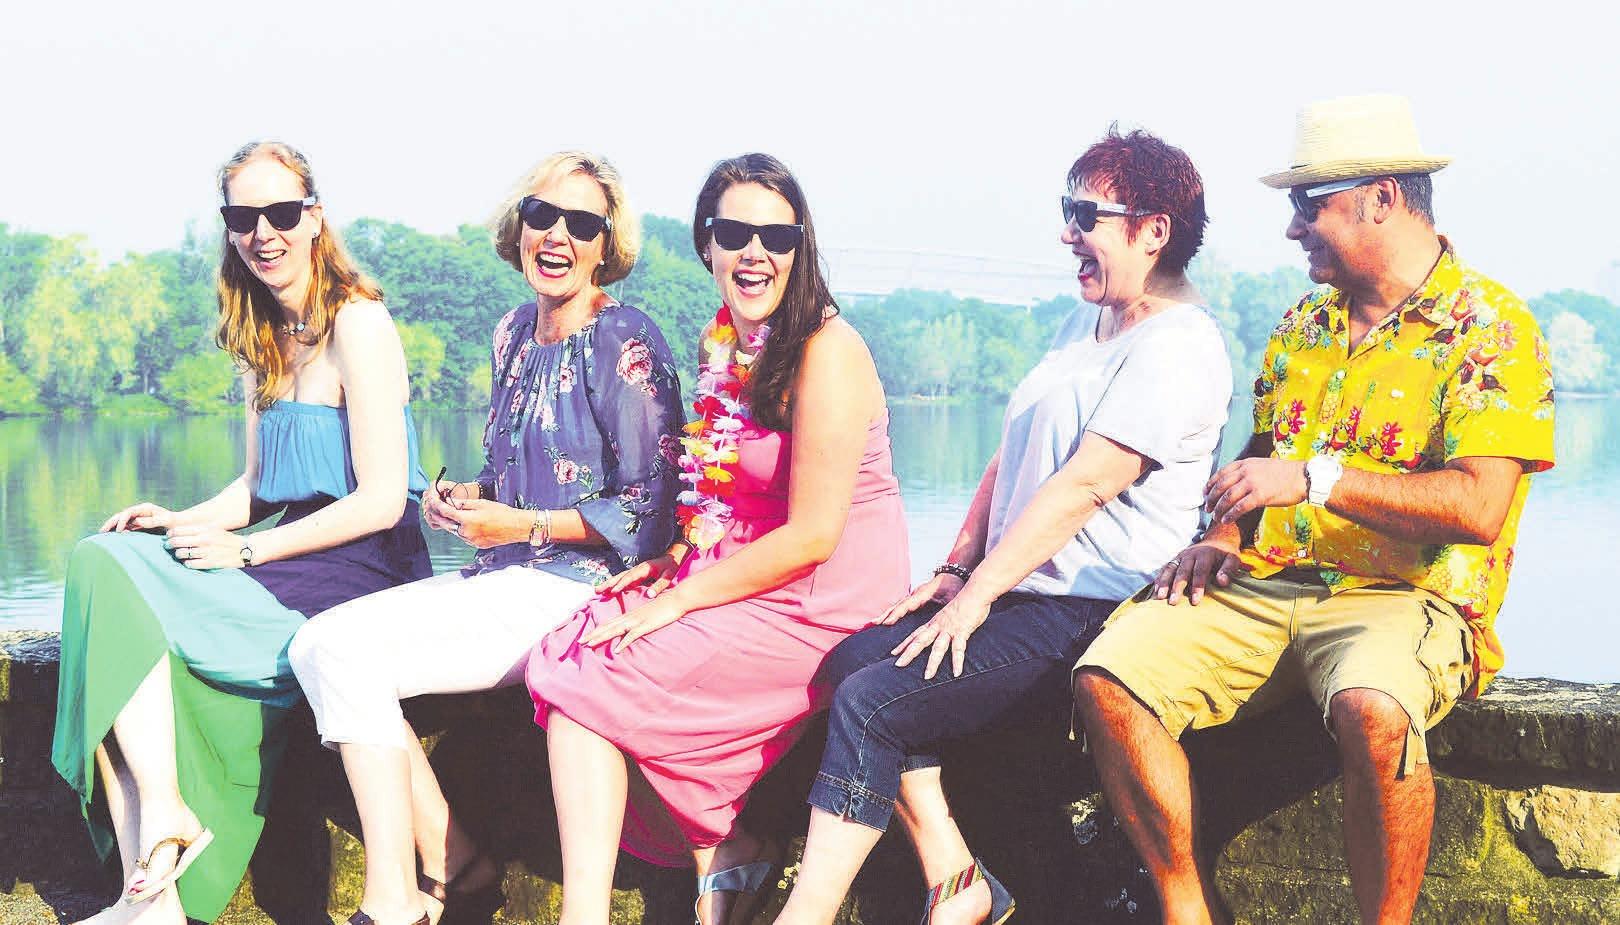 Das Team des TUI-ReiseCenters sorgt für unbeschwerte Urlaubstage.